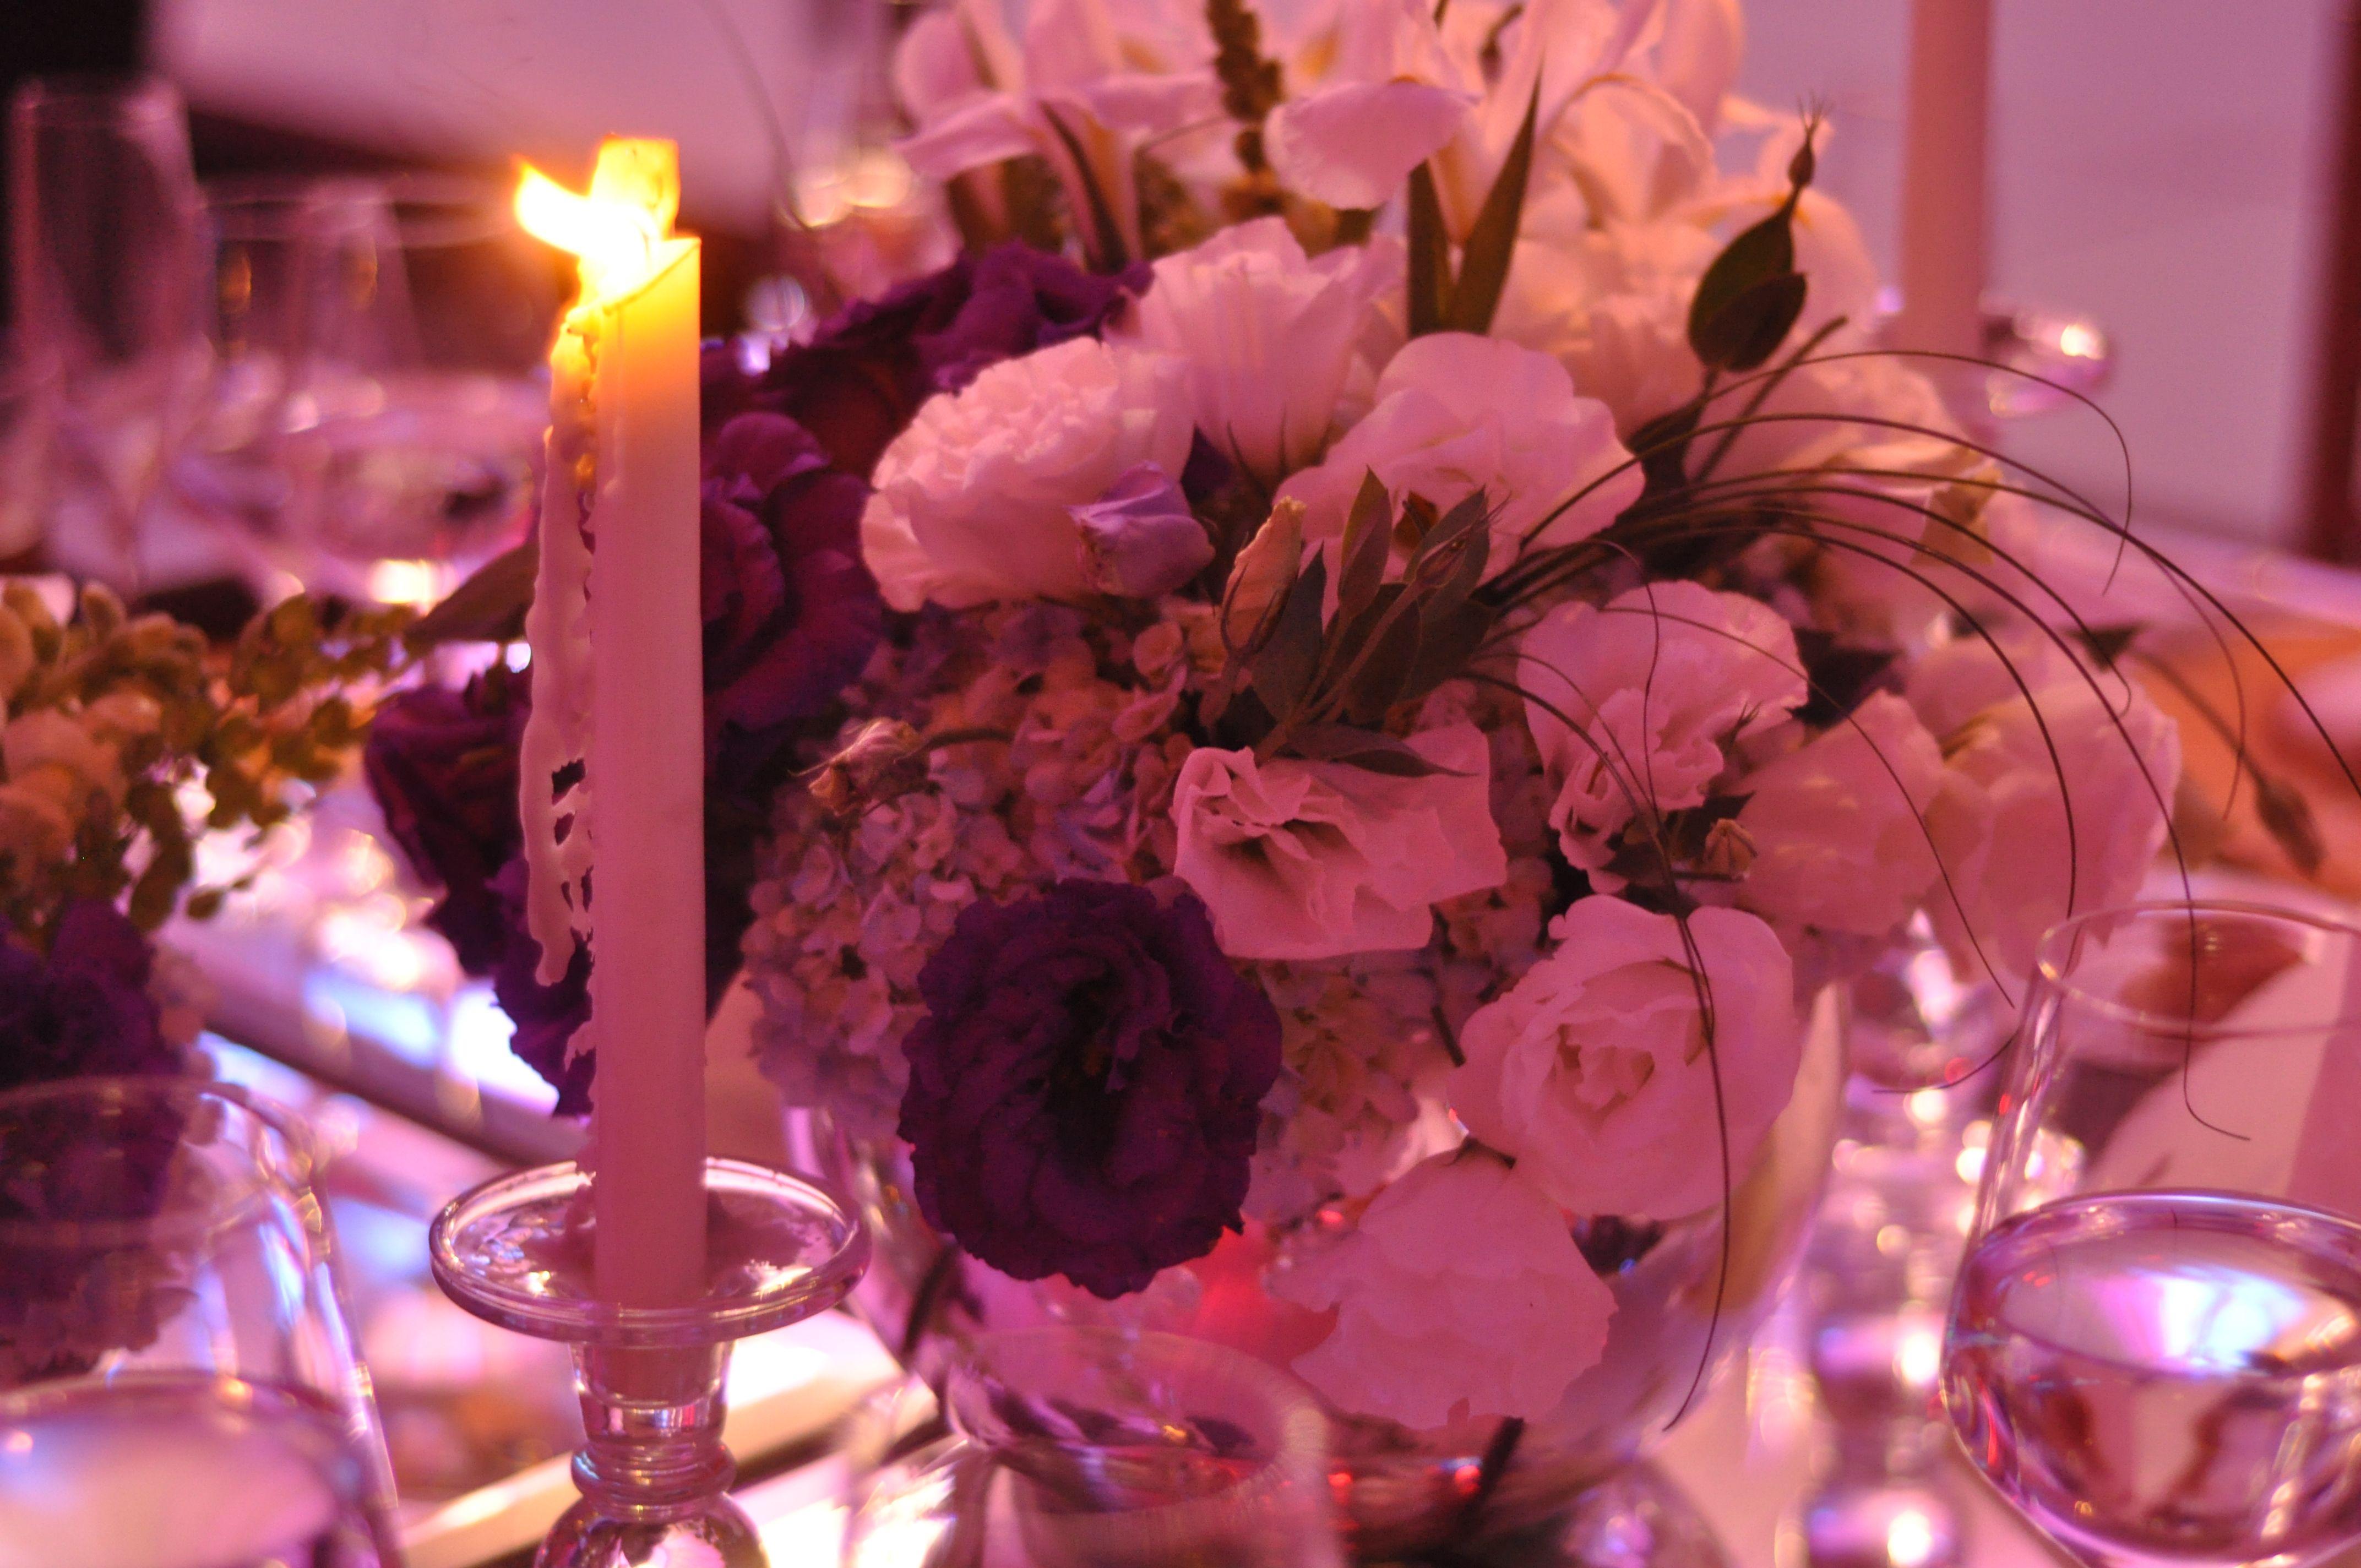 Arreglo floral con vela y luz indirecta